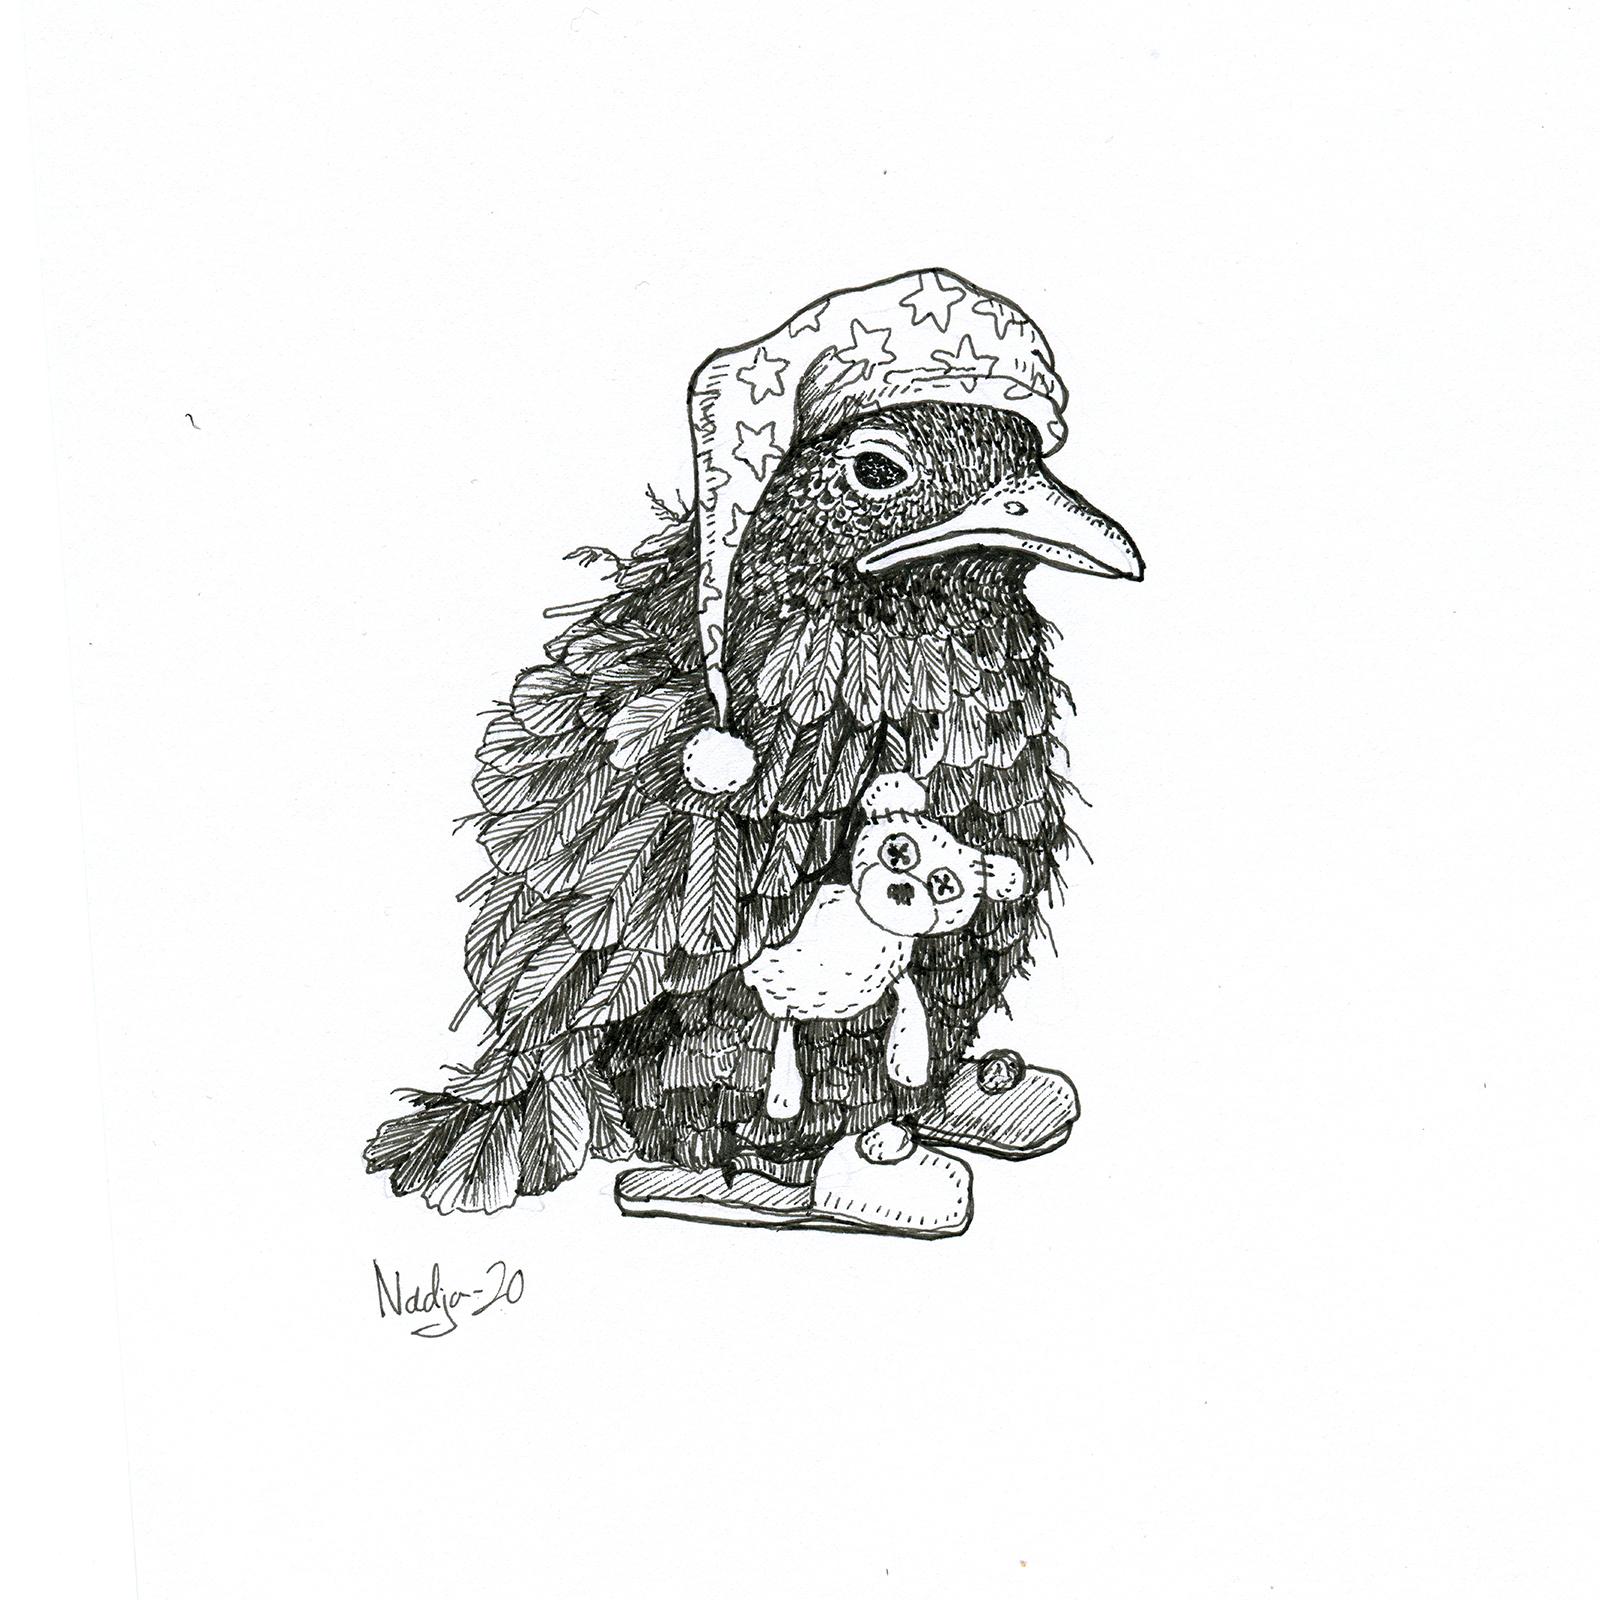 grumpy_bird_web